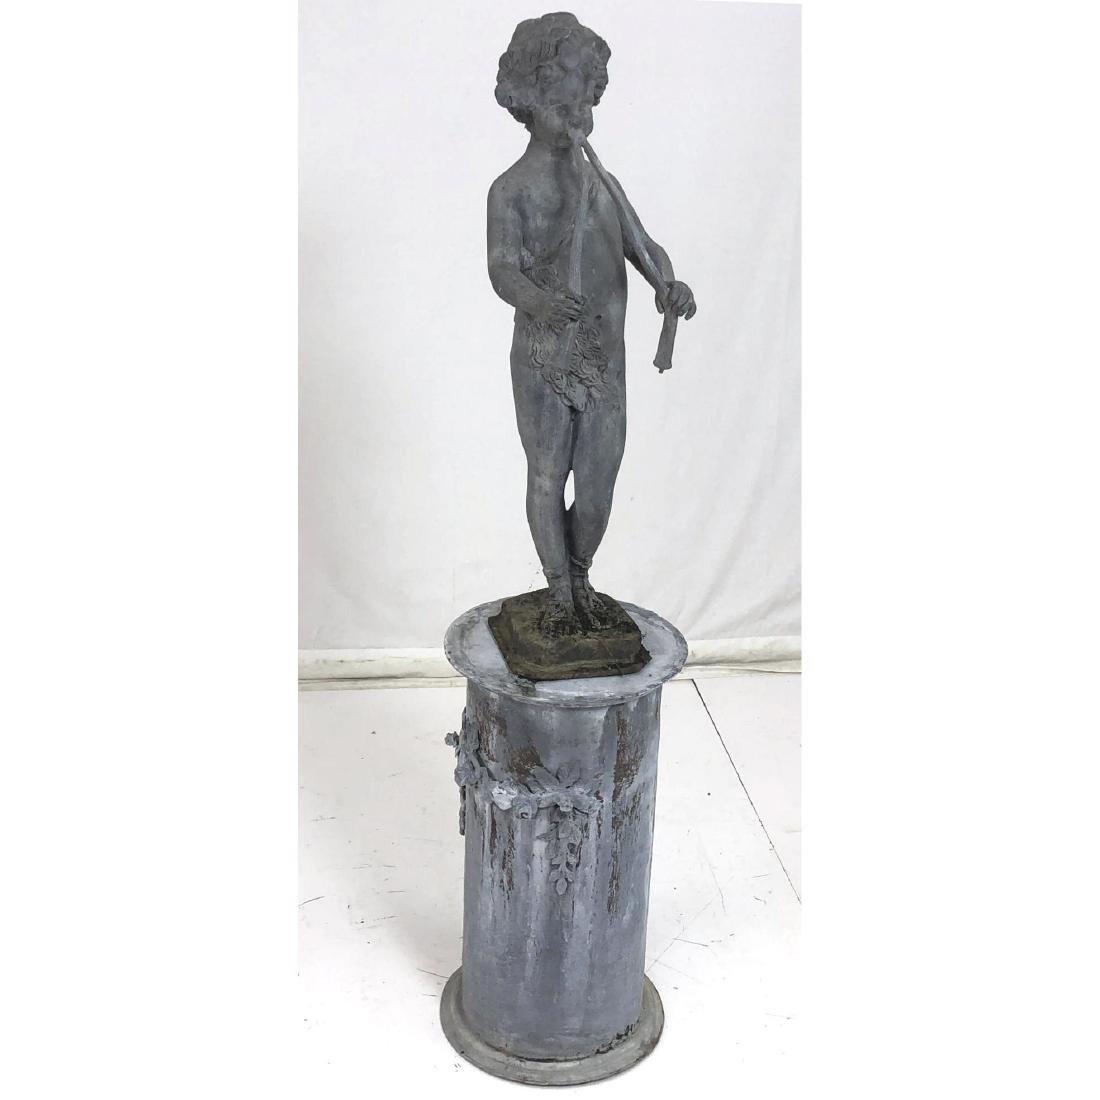 2 piece Outdoor Garden Sculpture & Pedestal. Zinc